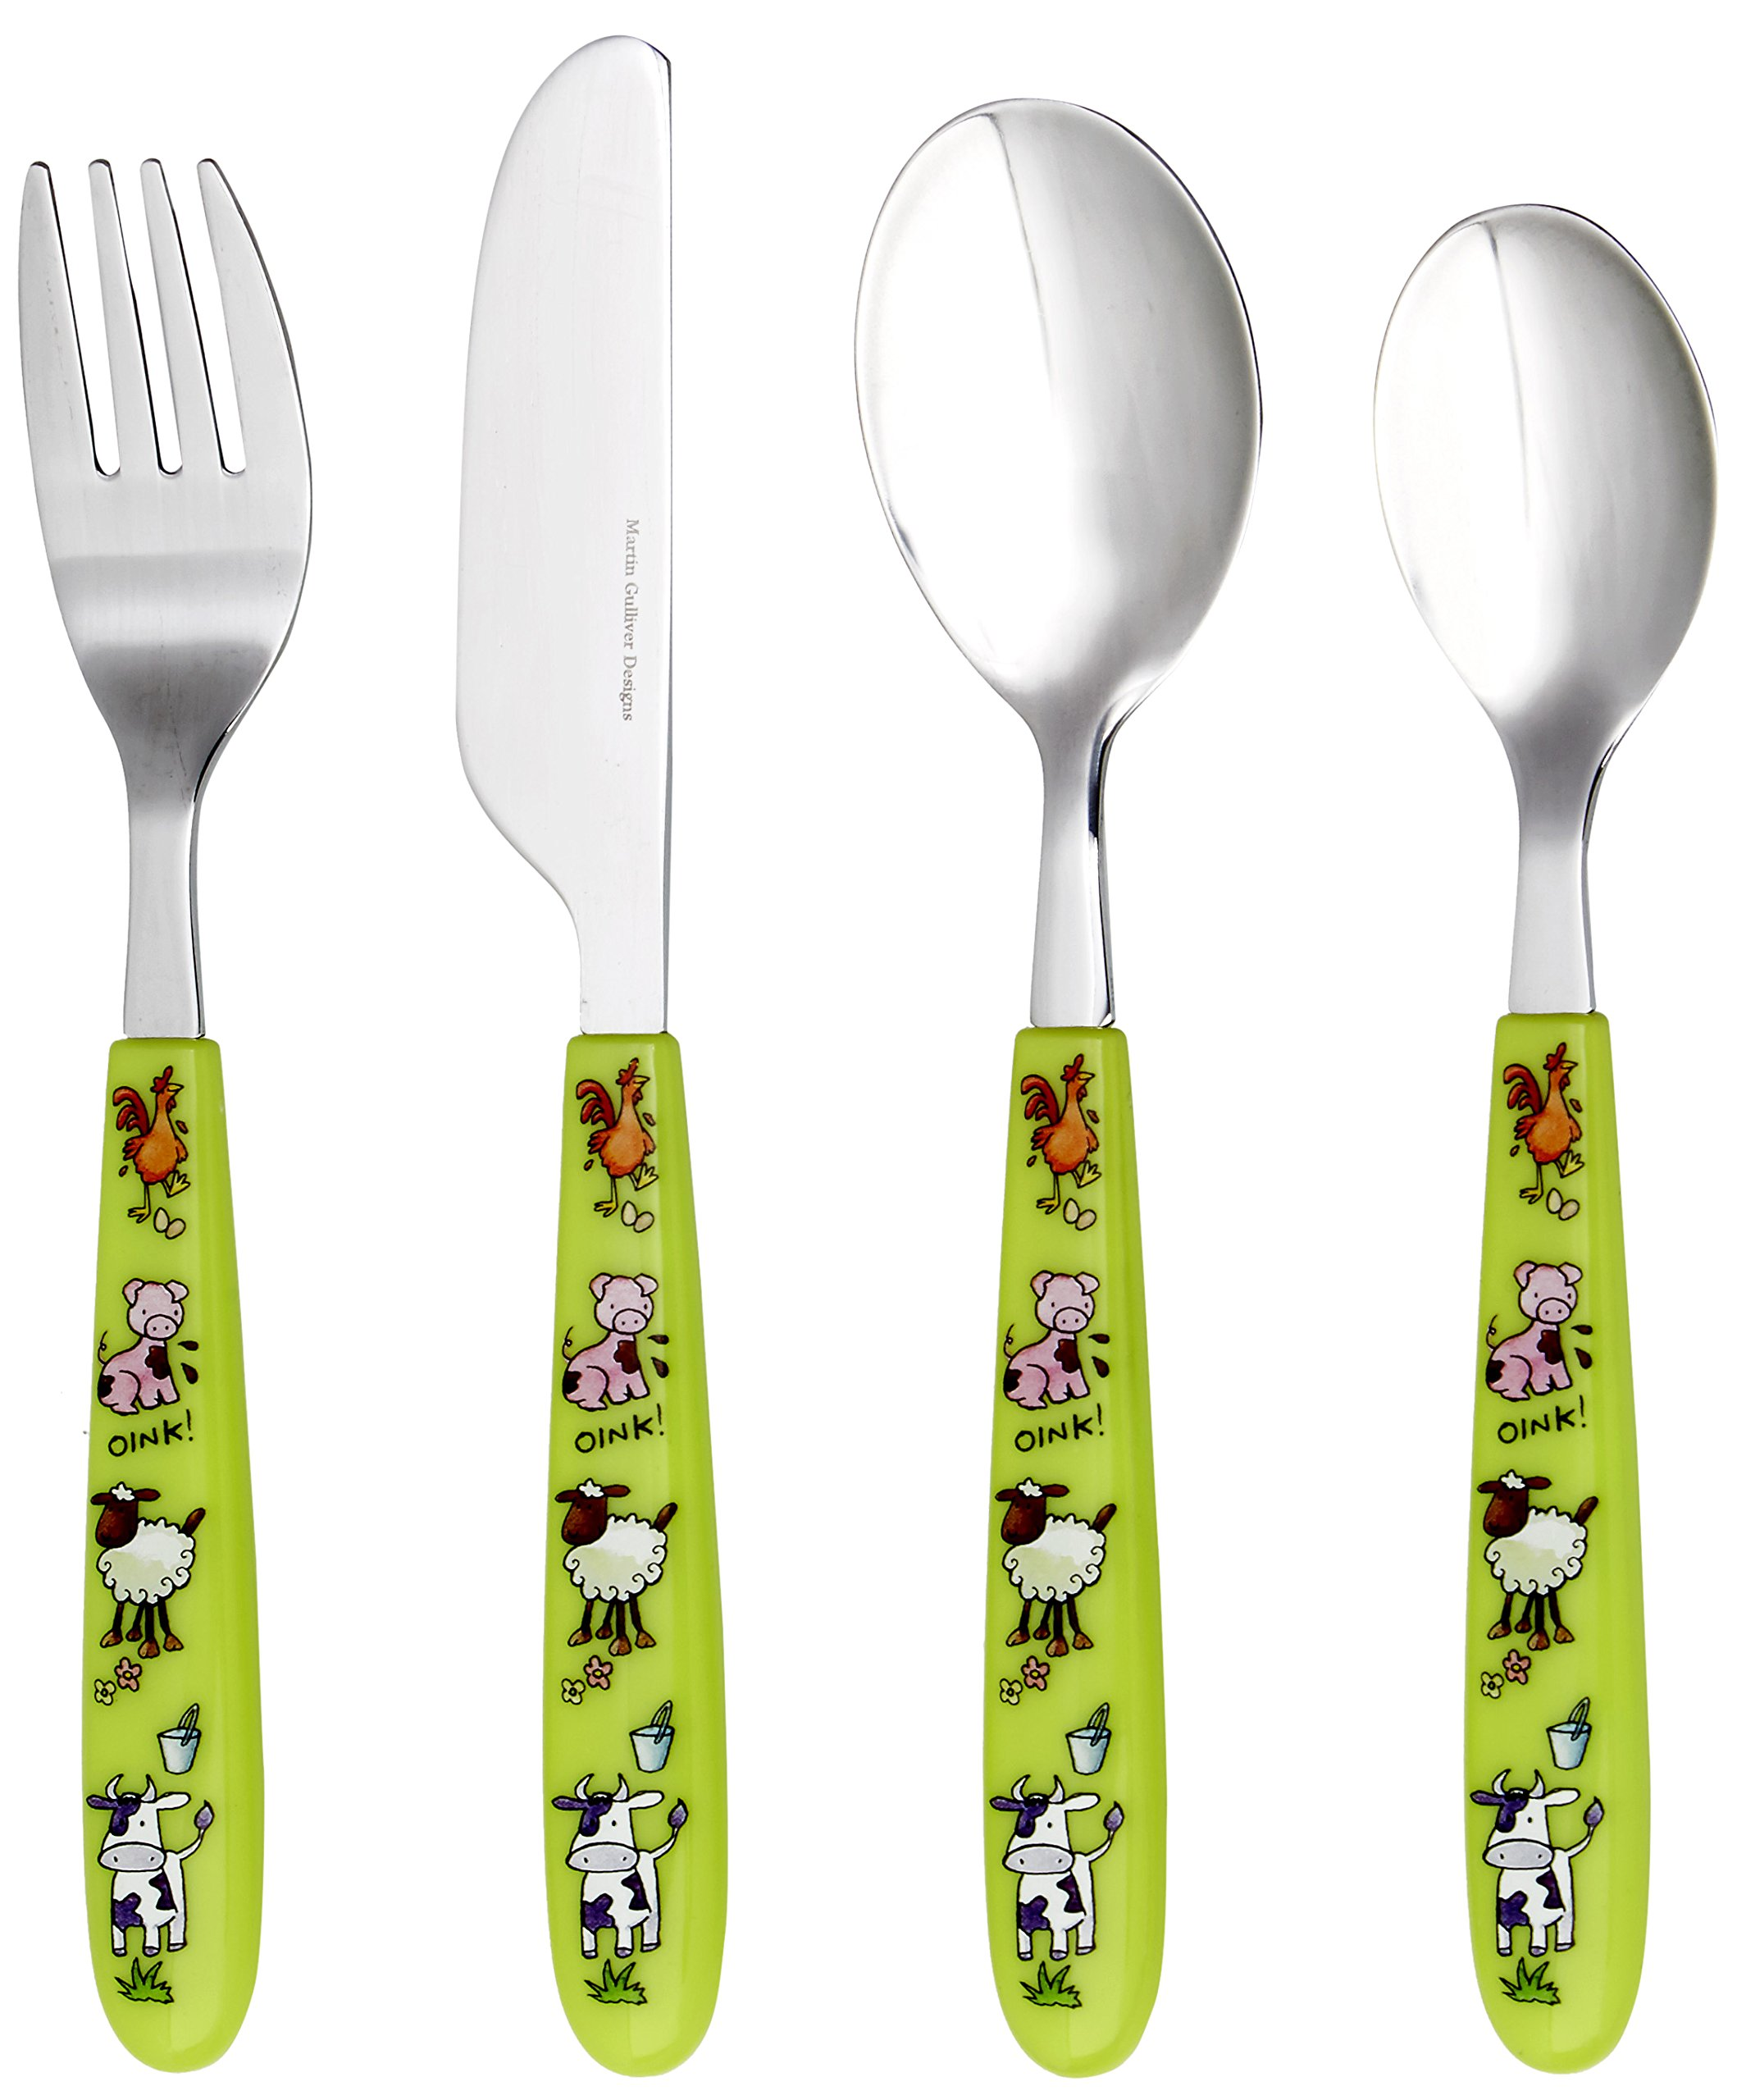 Martin Gulliver 4 Piece Children's Cutlery Set - FARM YARD ANIMALS